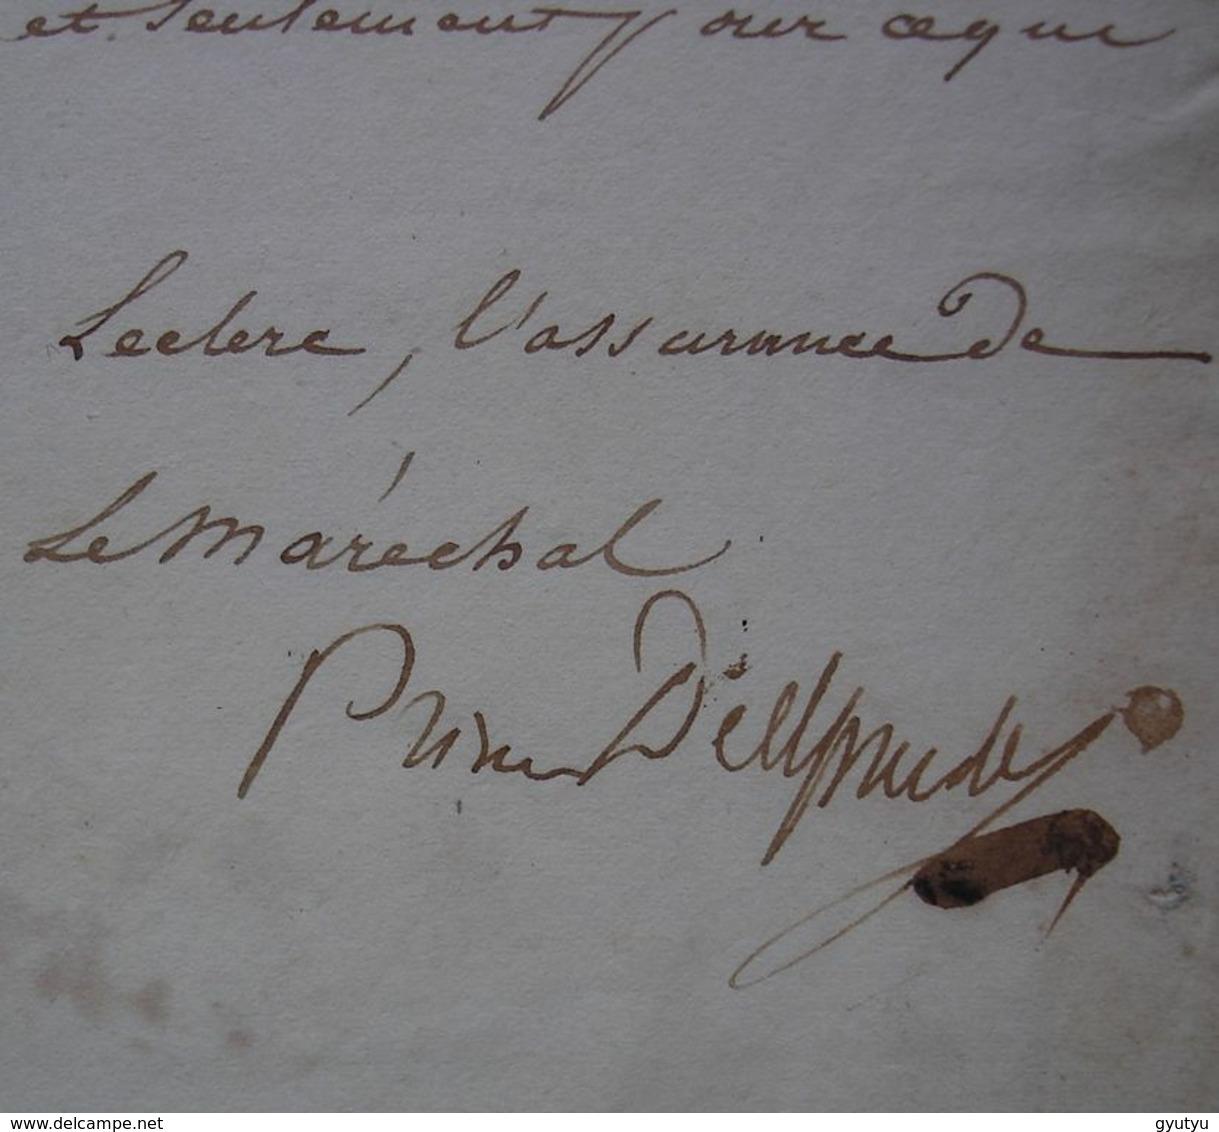 Empire Davout Maréchal Prince D'Eckmühl Duc D'Auerstaedt Lettre Autographe Du 19 Mars 1815, Veille Des 100 Jours ! - Historical Documents